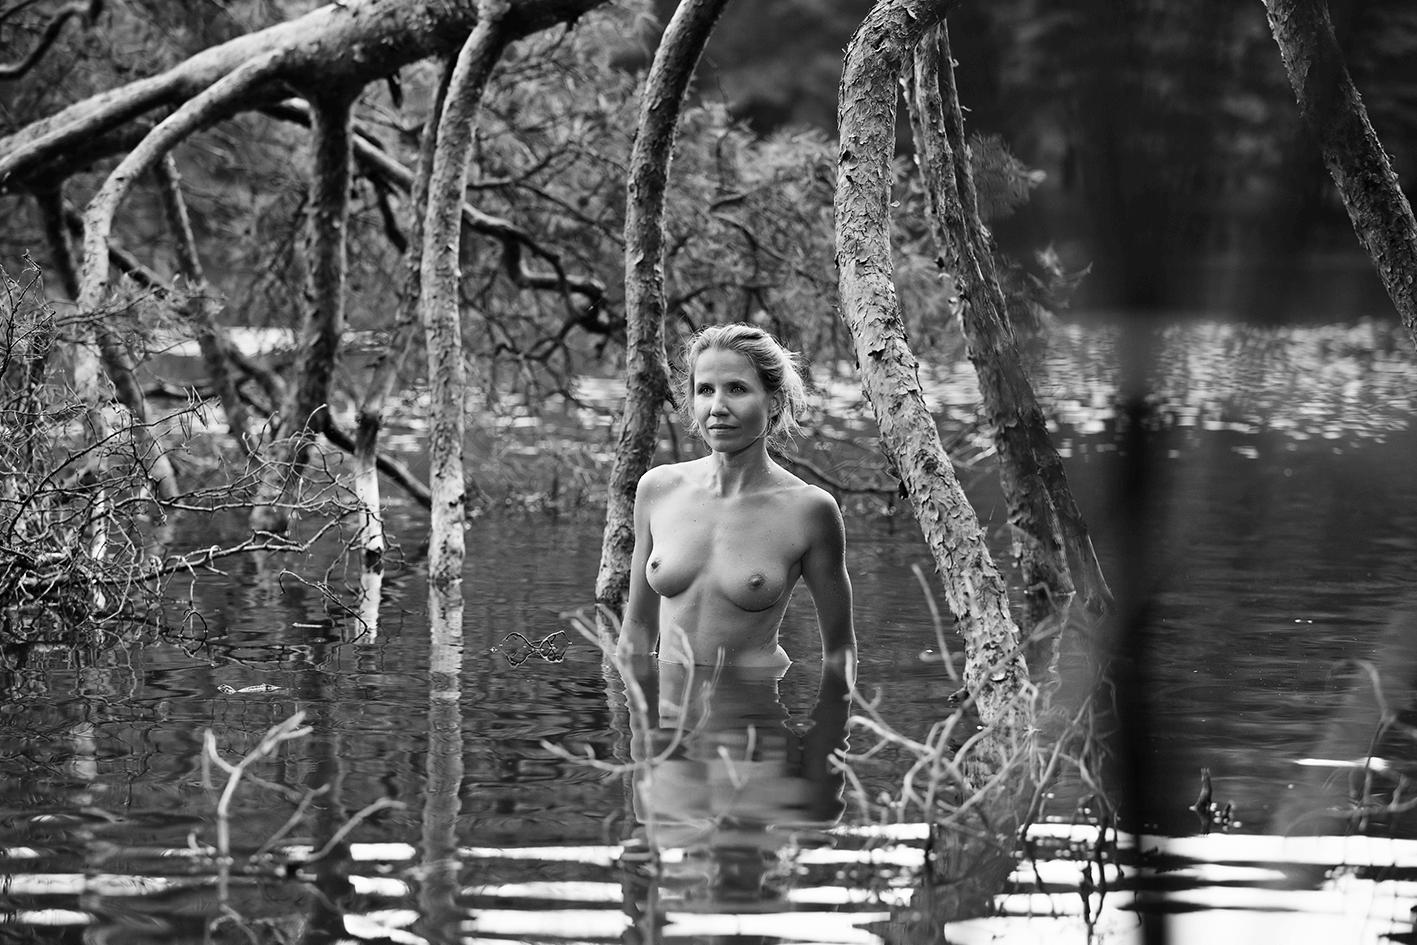 Oscar winner alicia vikander nude full frontal